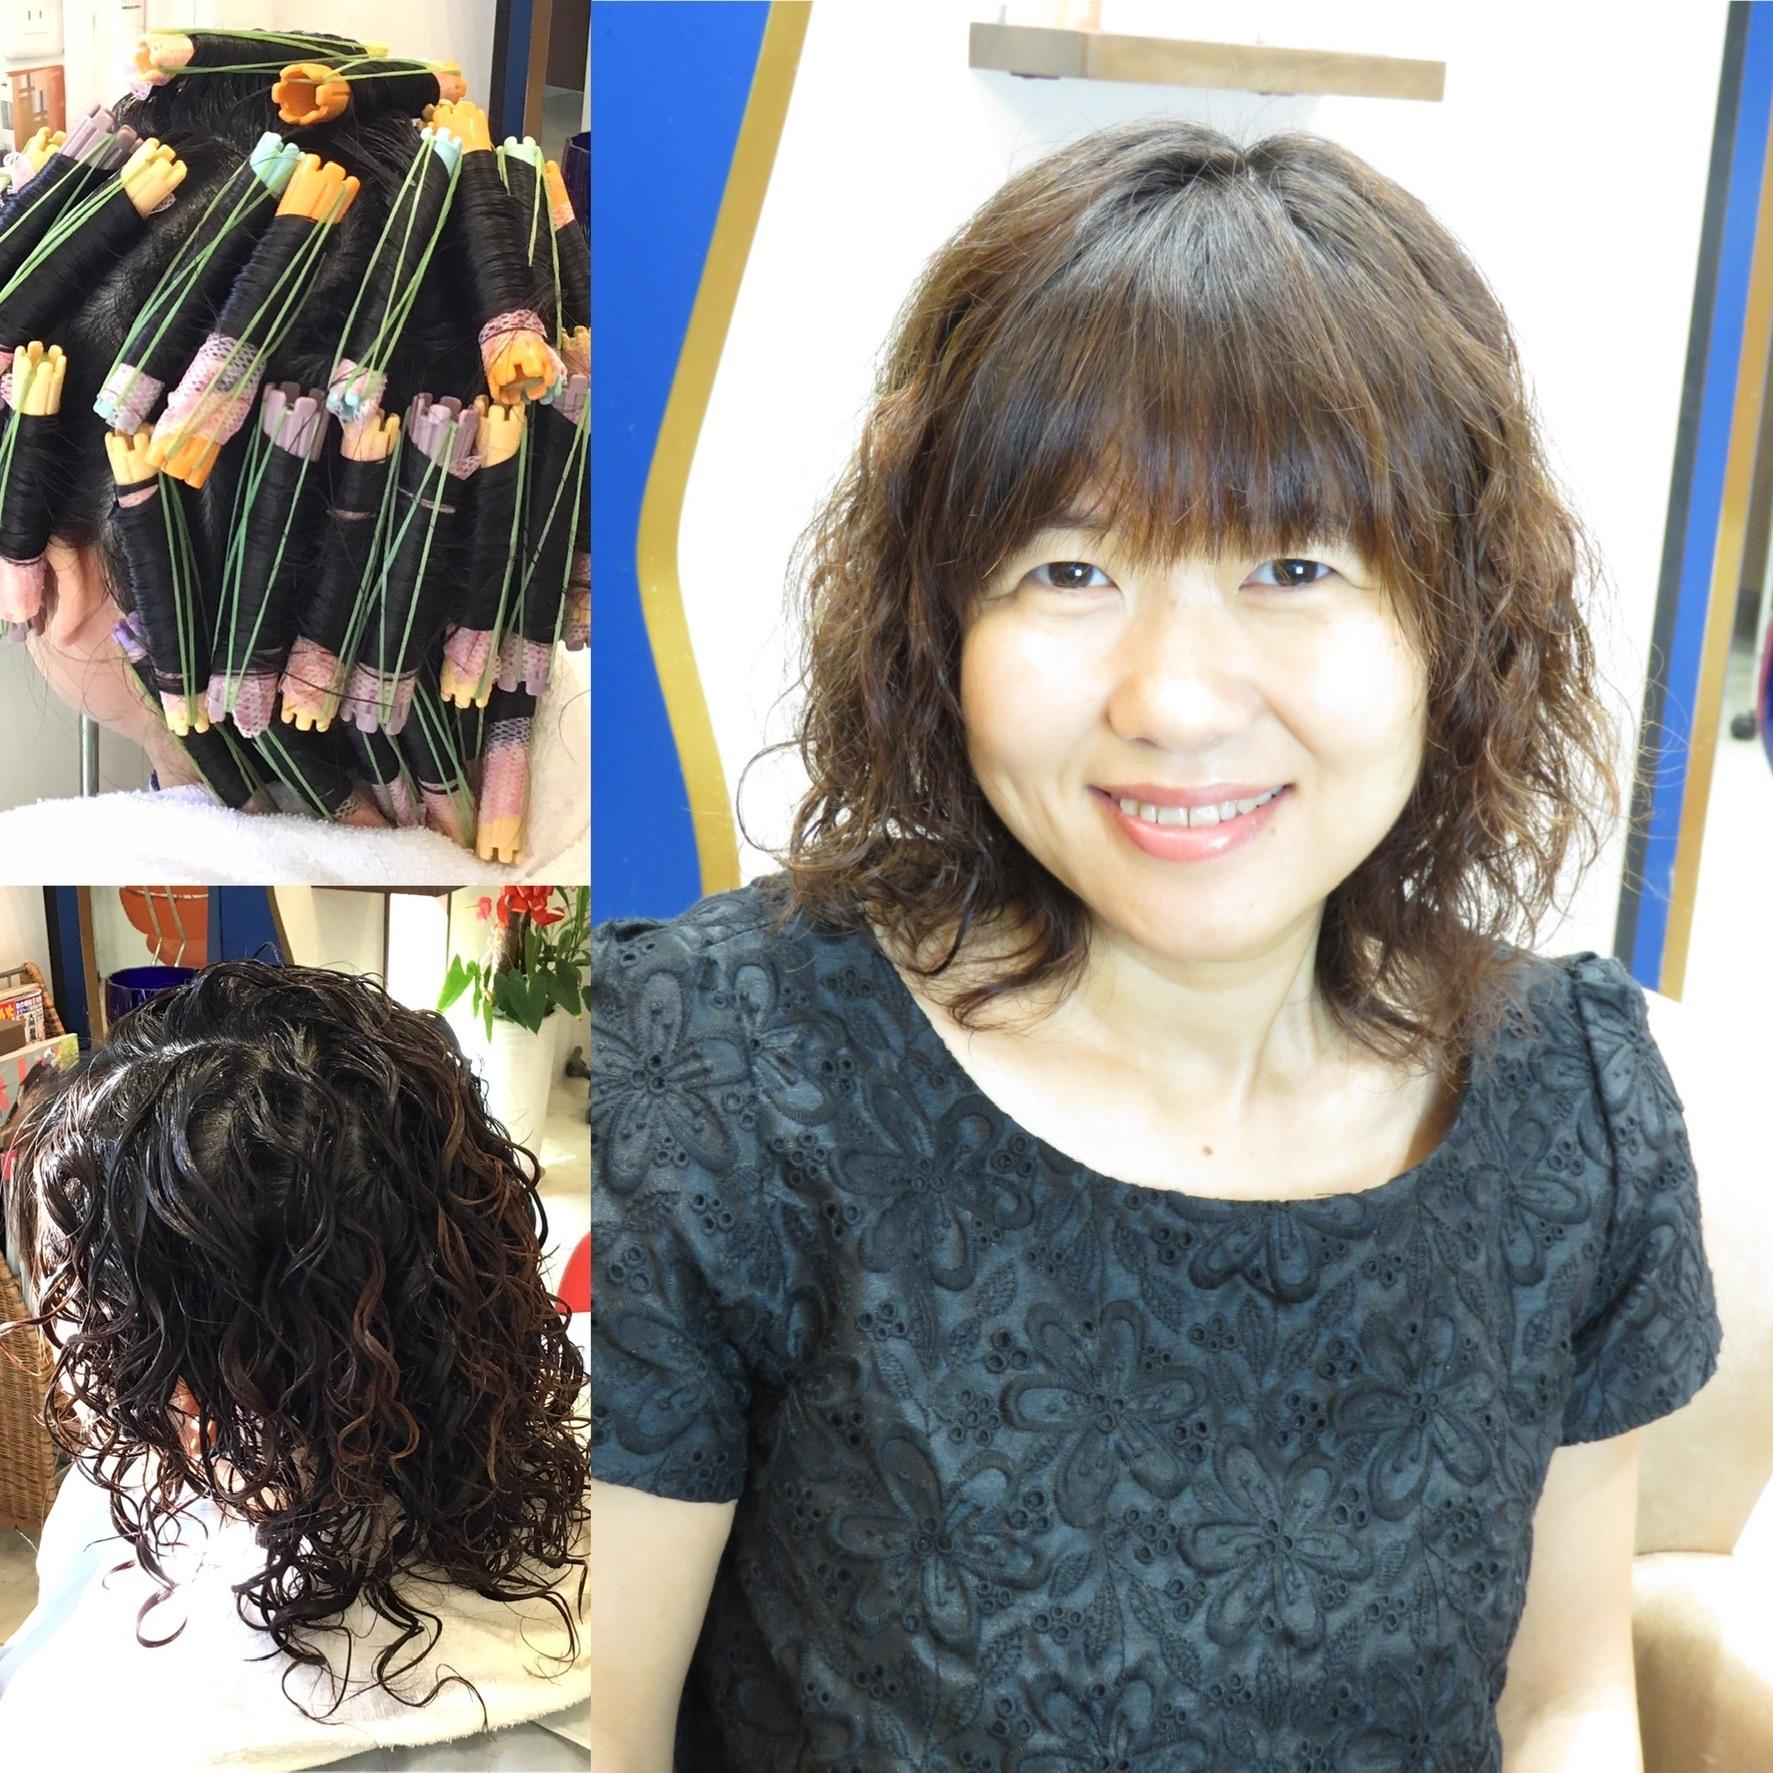 ファッションカラーデラックス(カット&パーマ&カラー)¥12,000